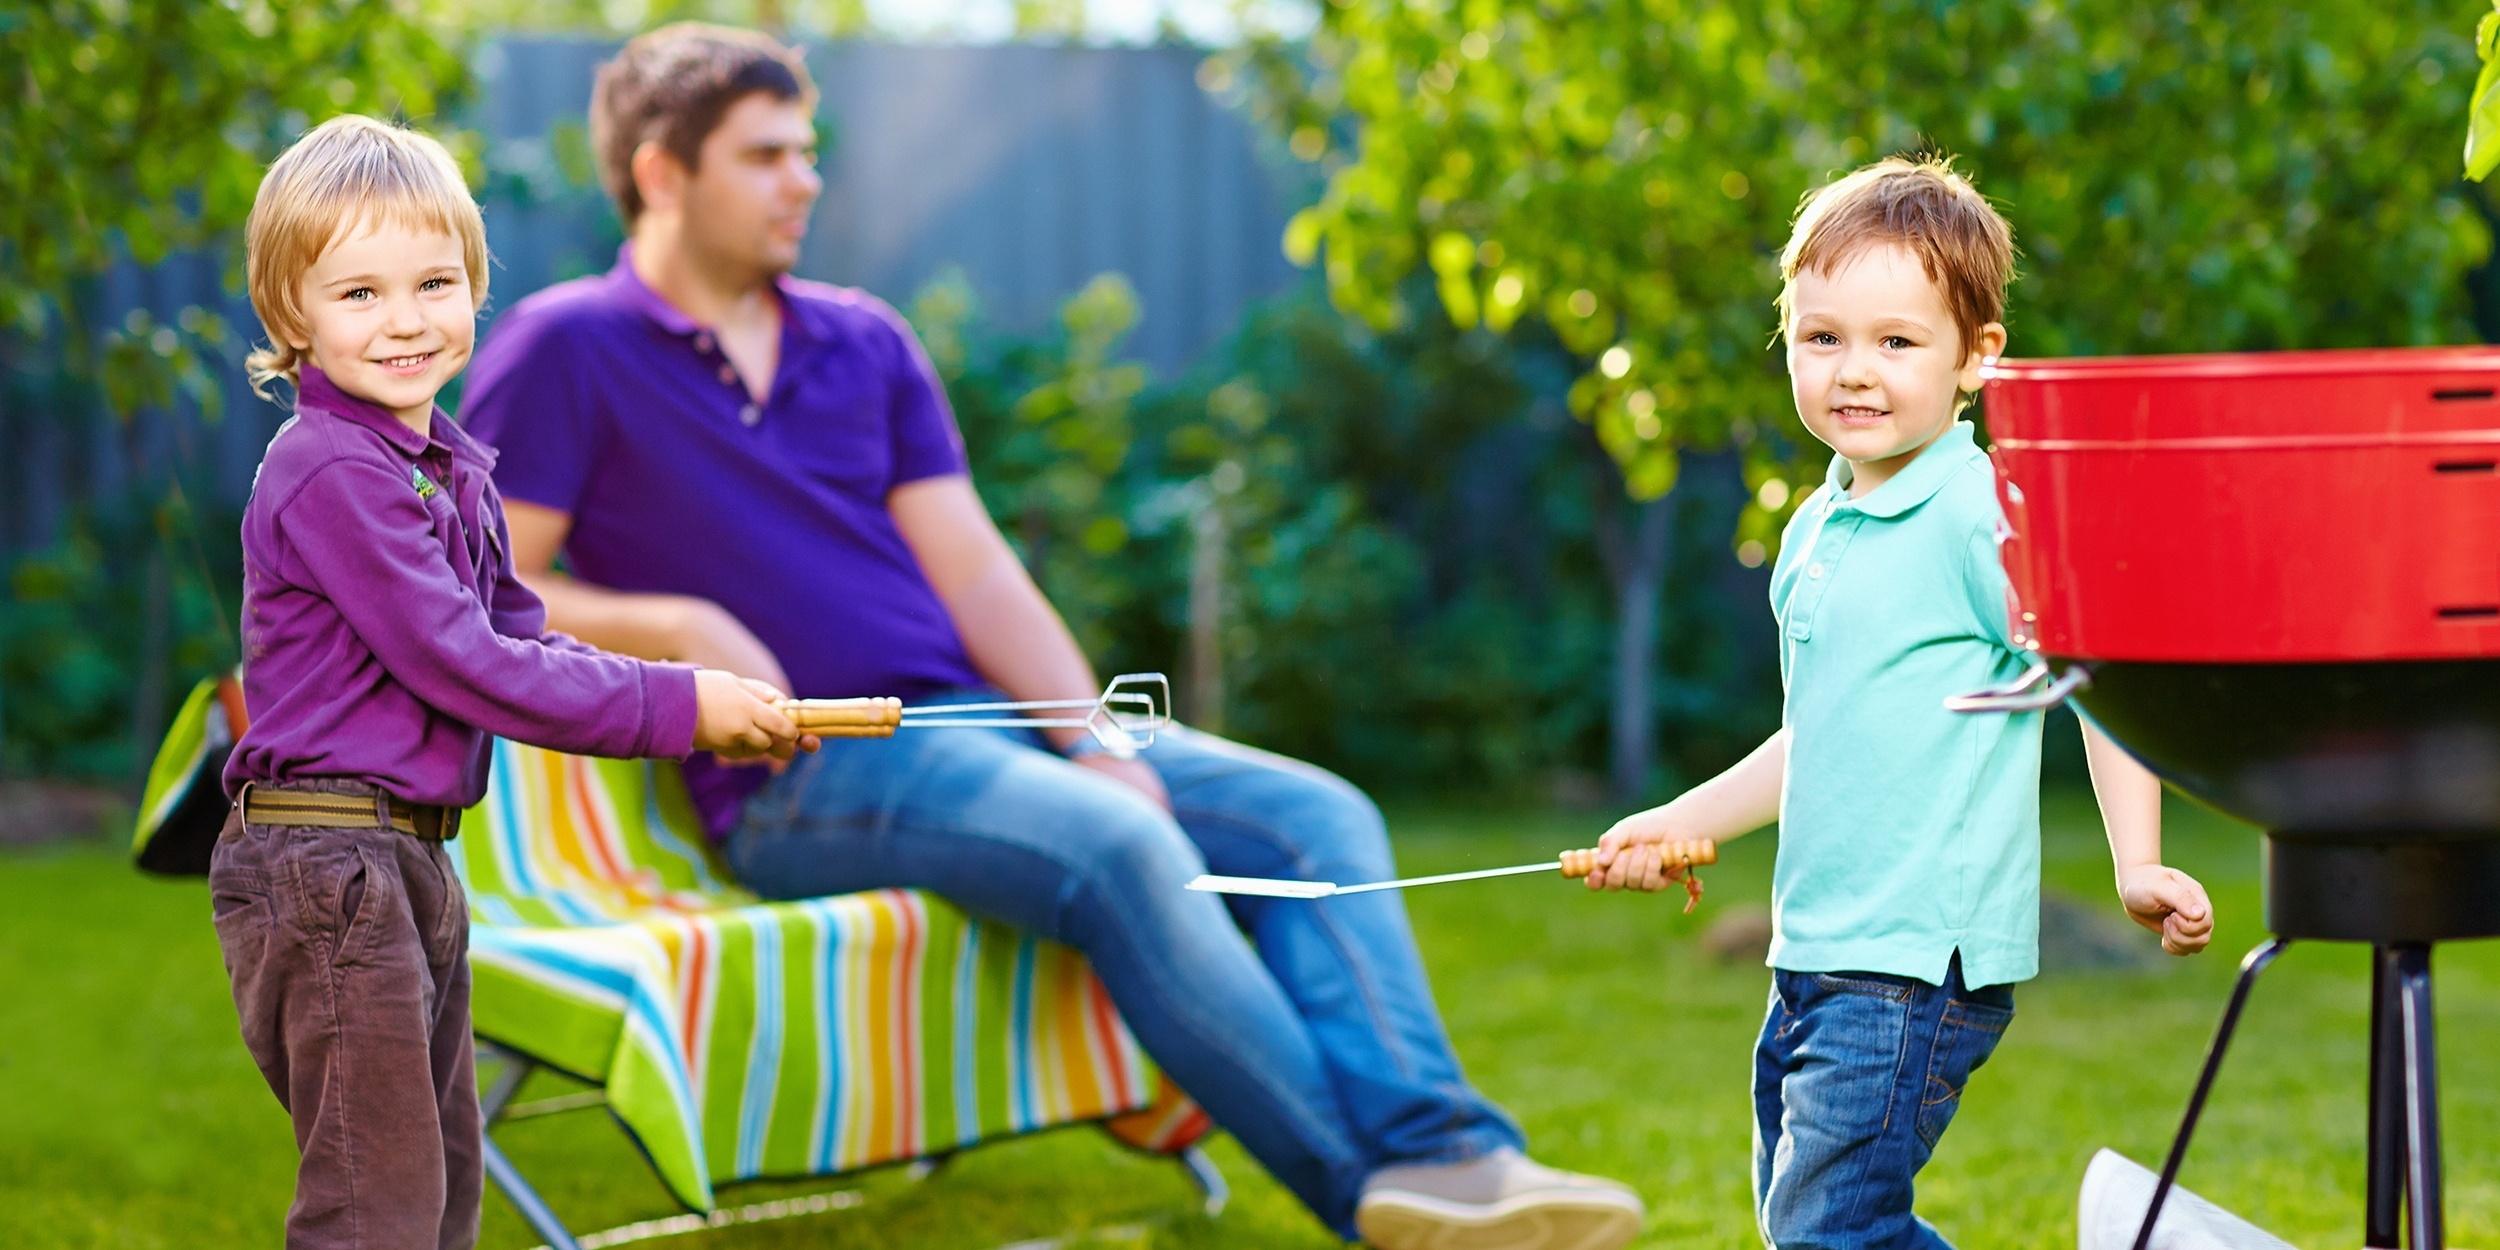 backyard-family-bbq.jpg